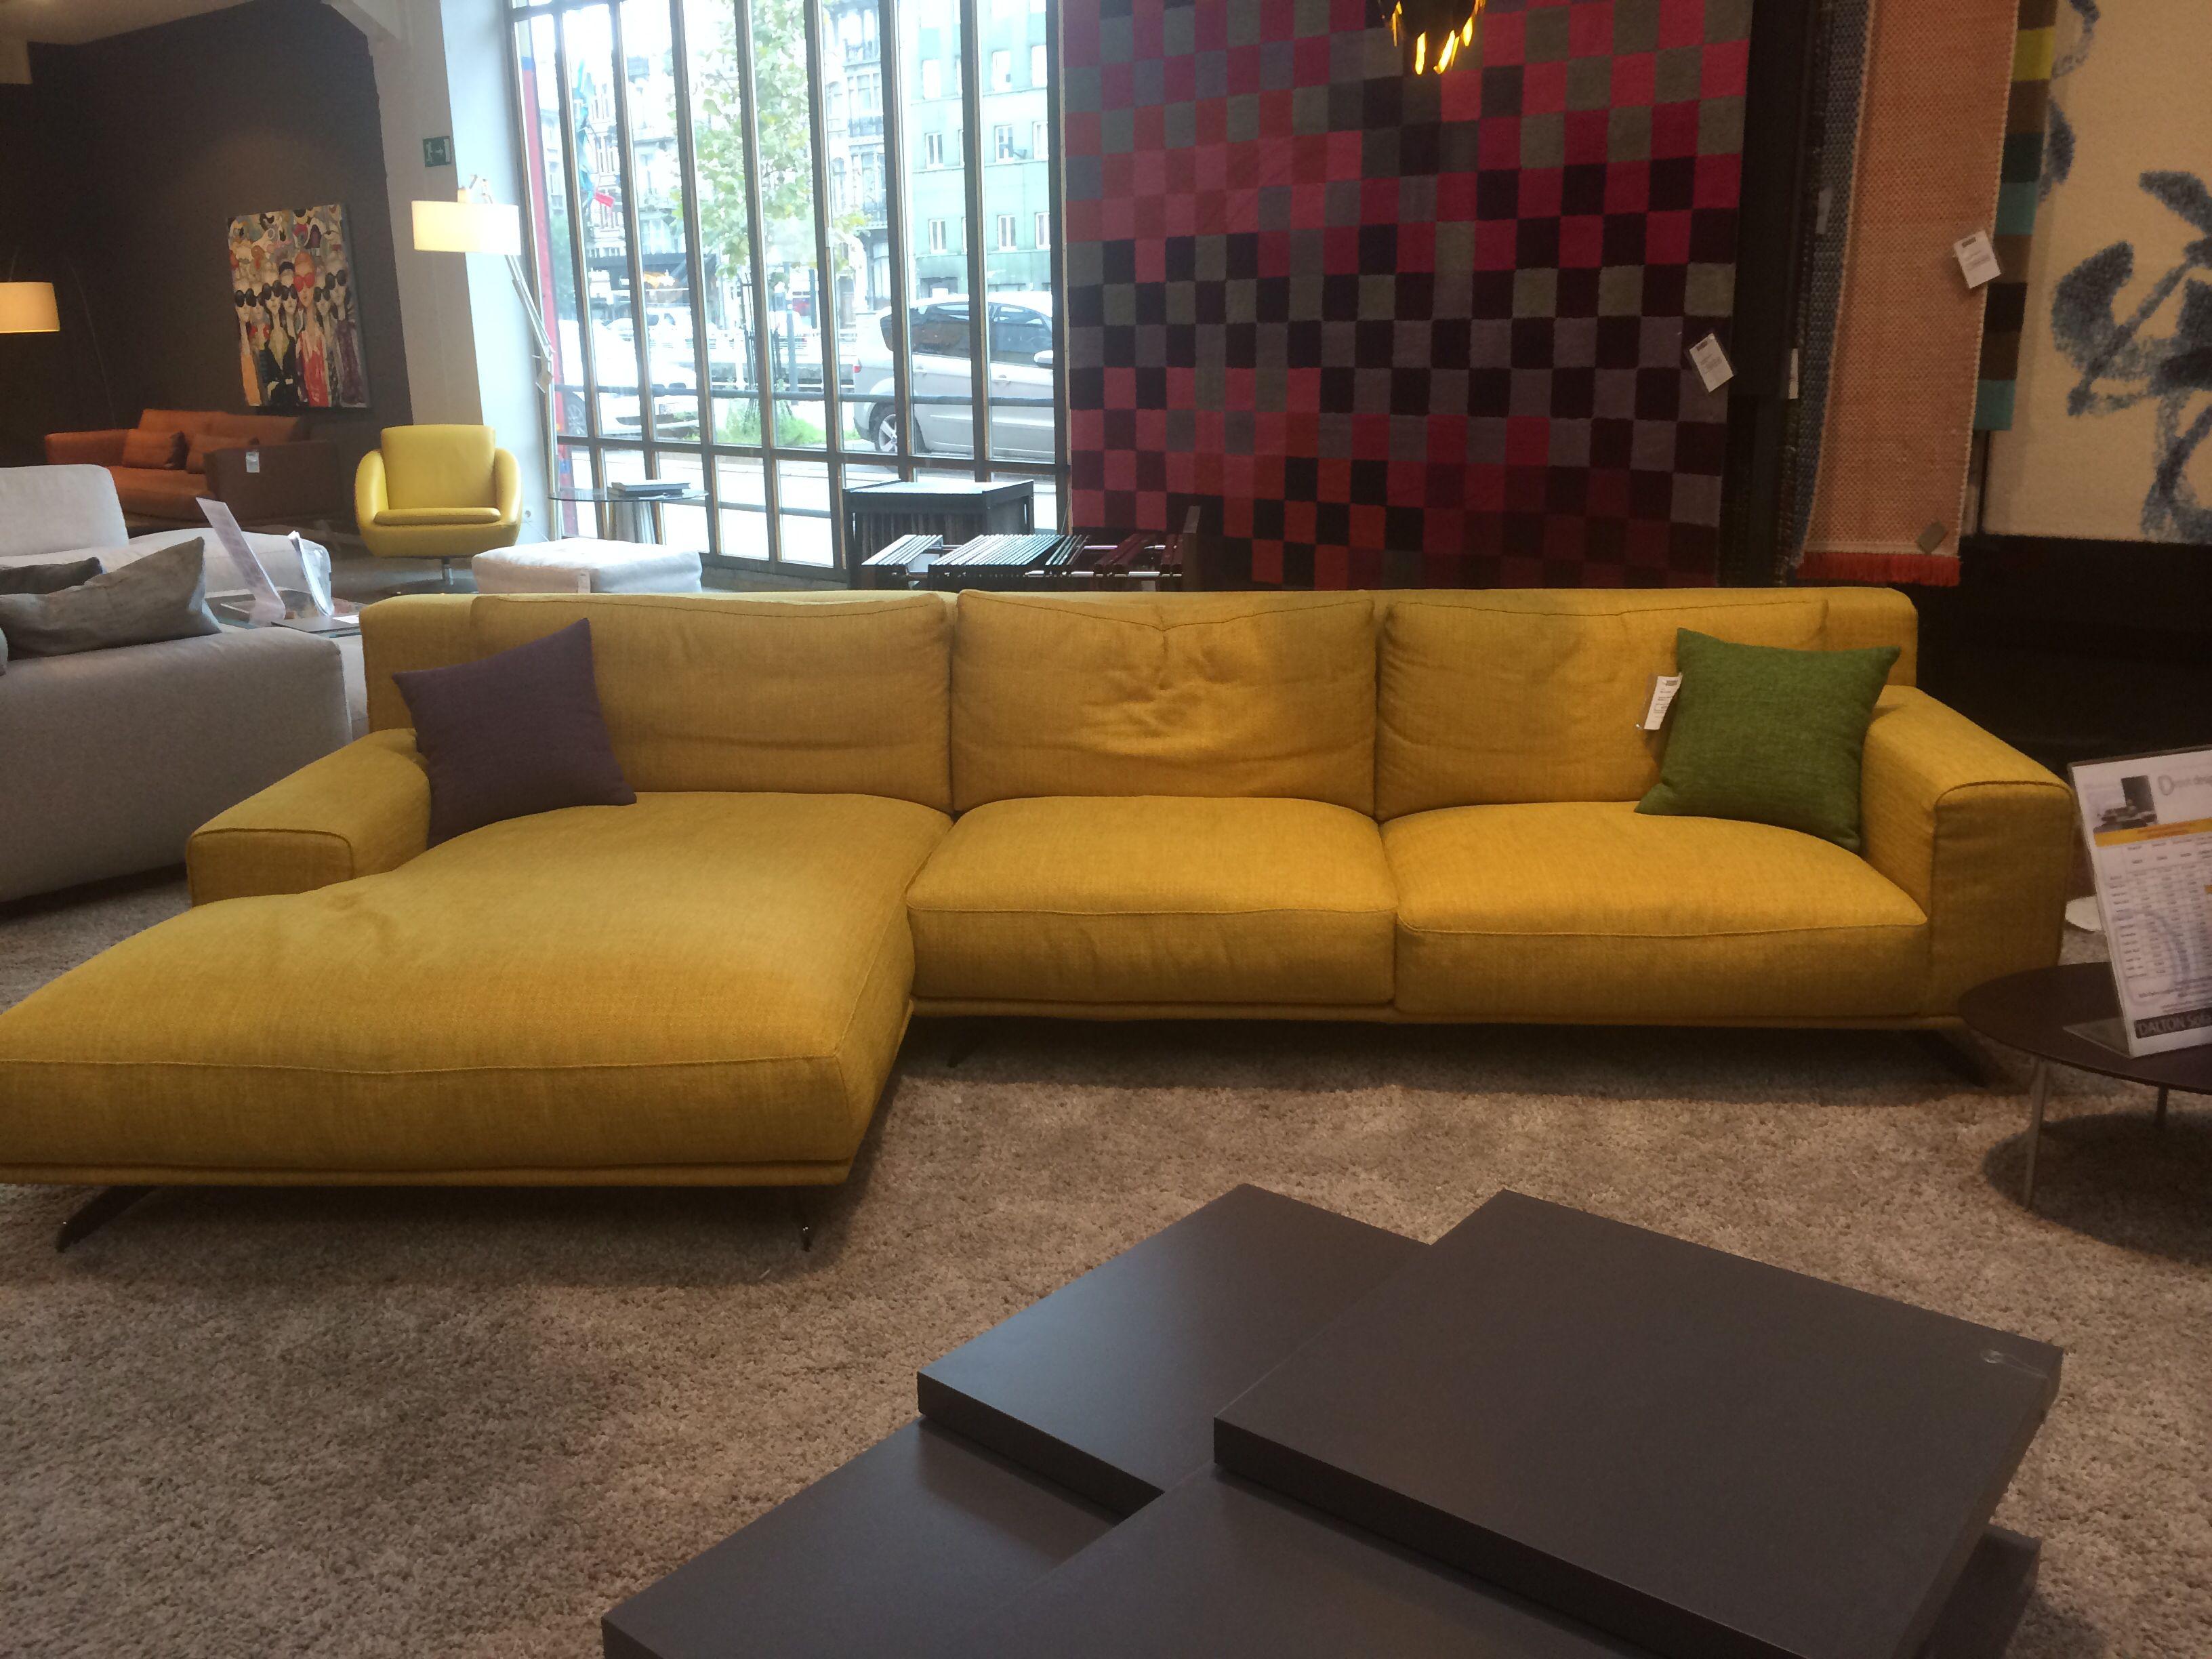 Divano Nero ~ Depot design dalton divano sofa feet nichel nero sofa chaise